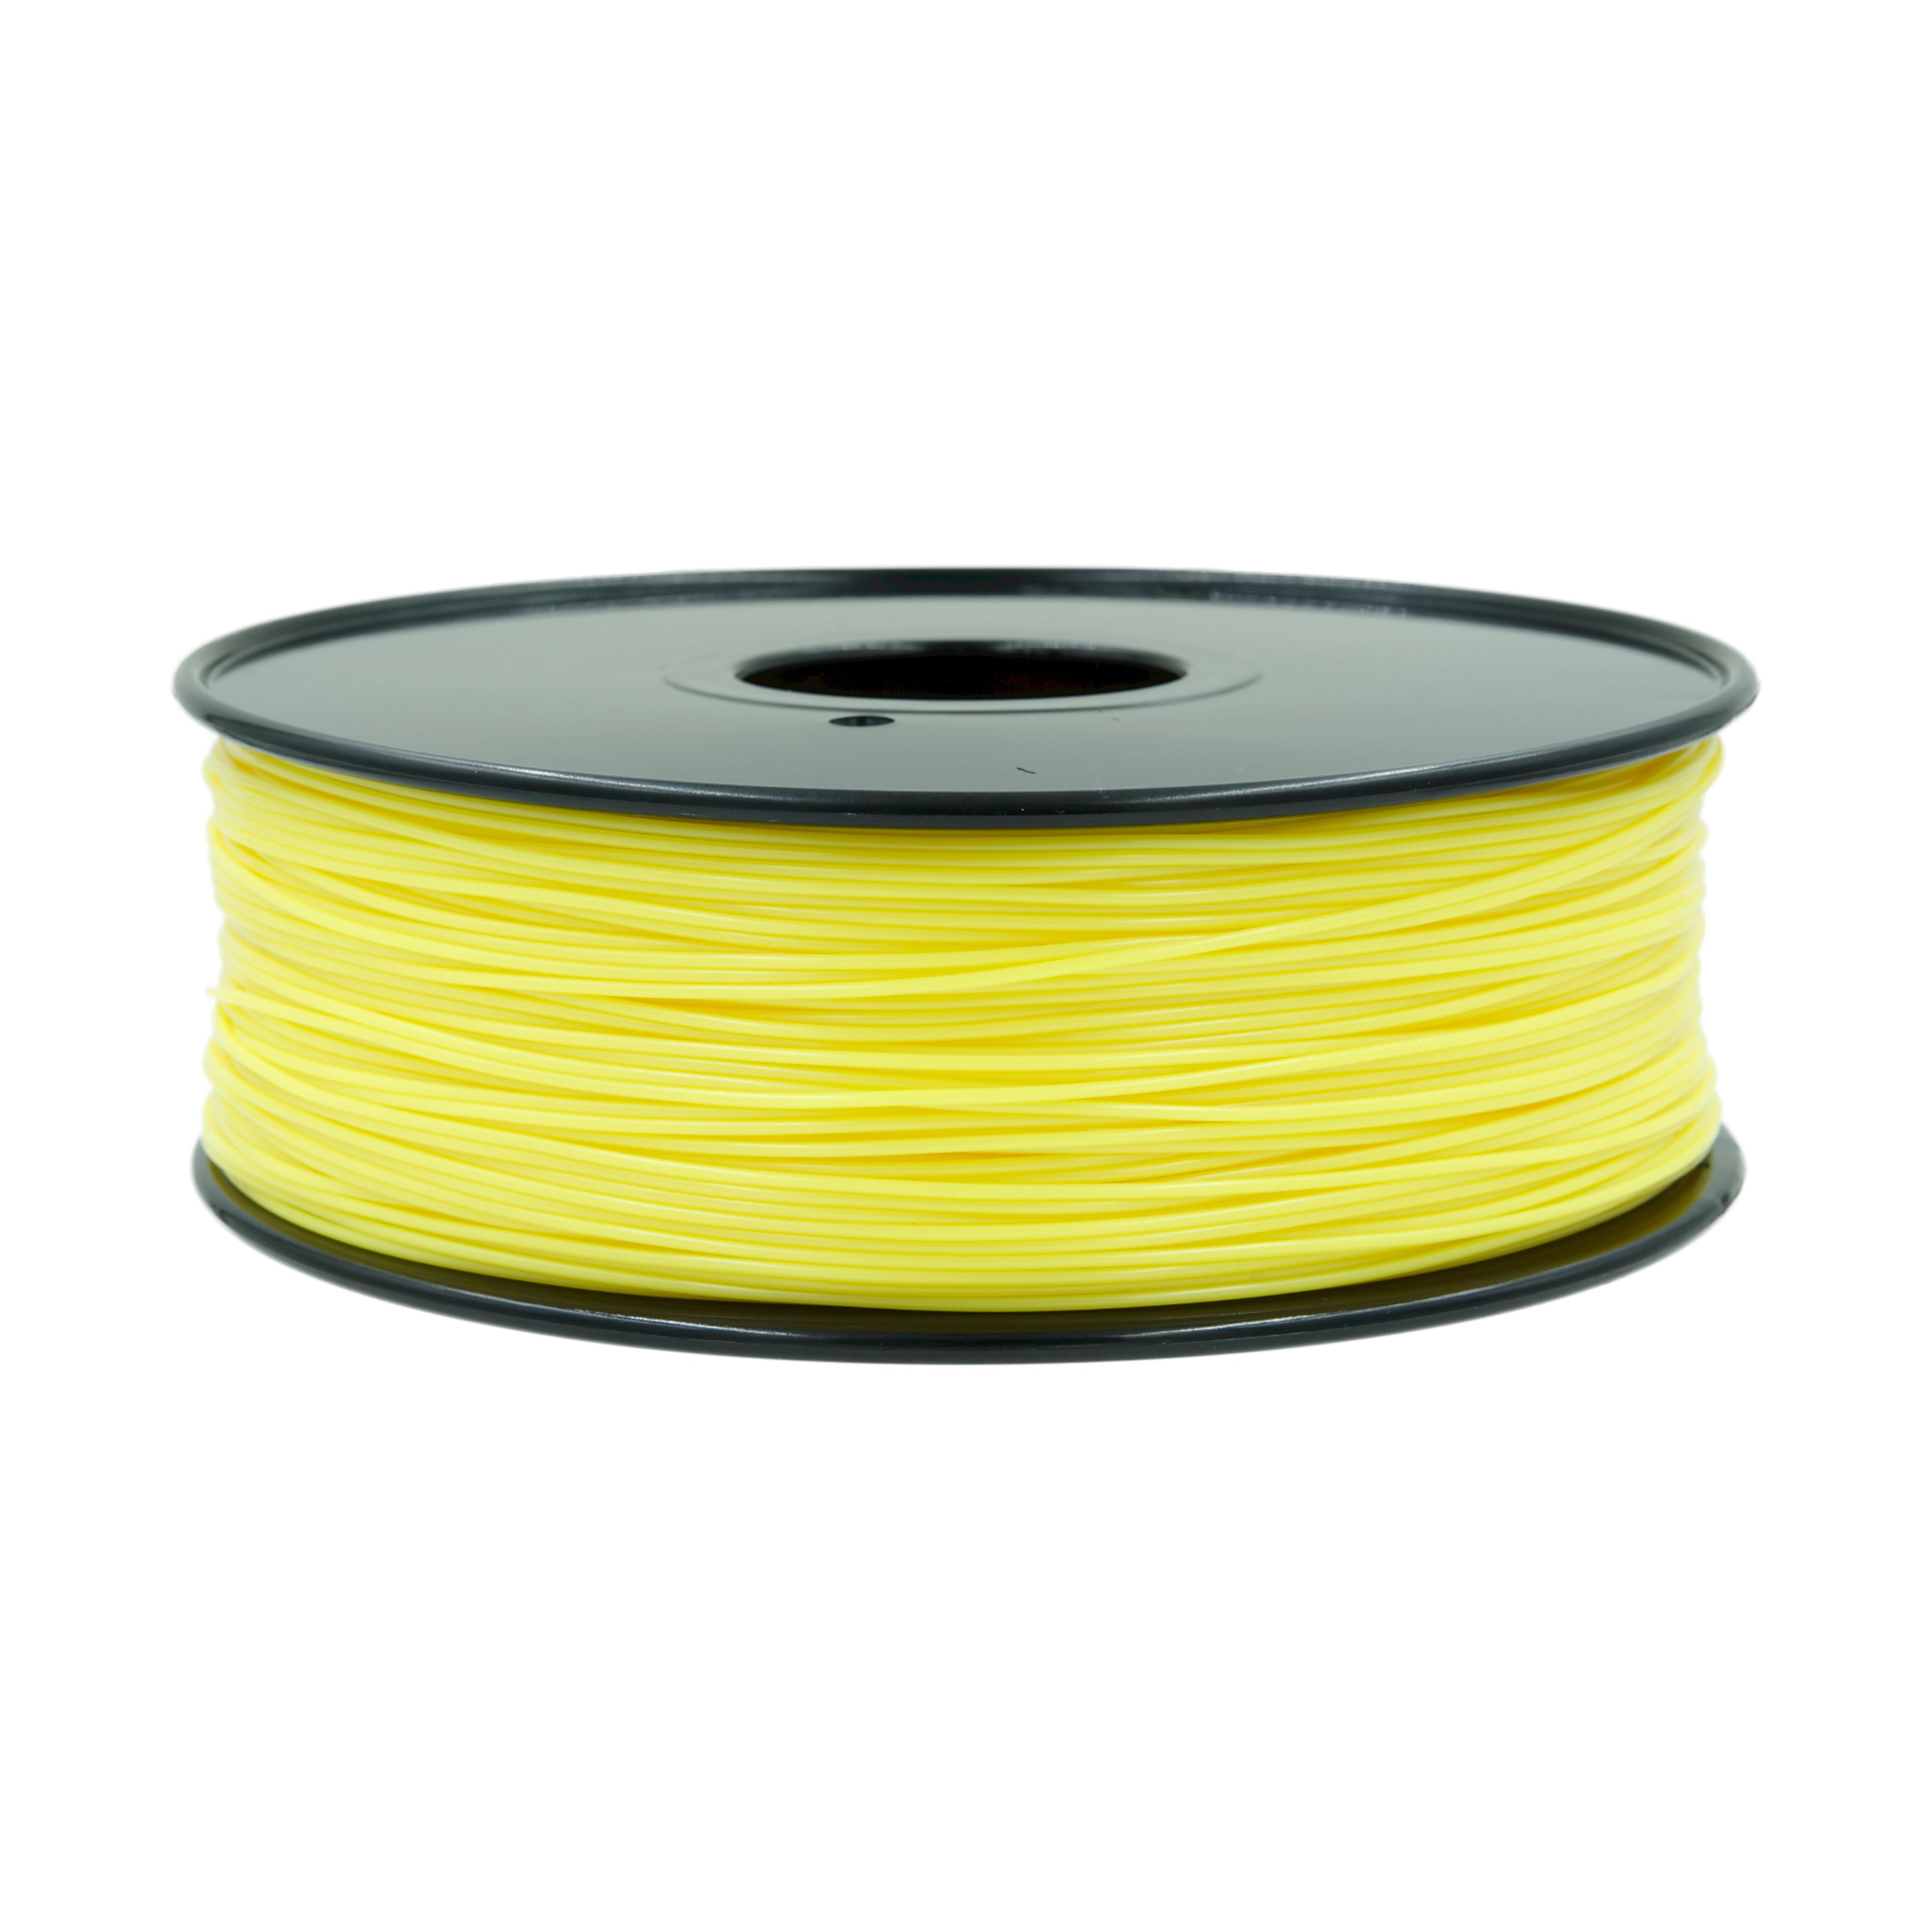 透光黃色 廣告字3D打印機耗材批發 3d打印廣告字制作透光耗材